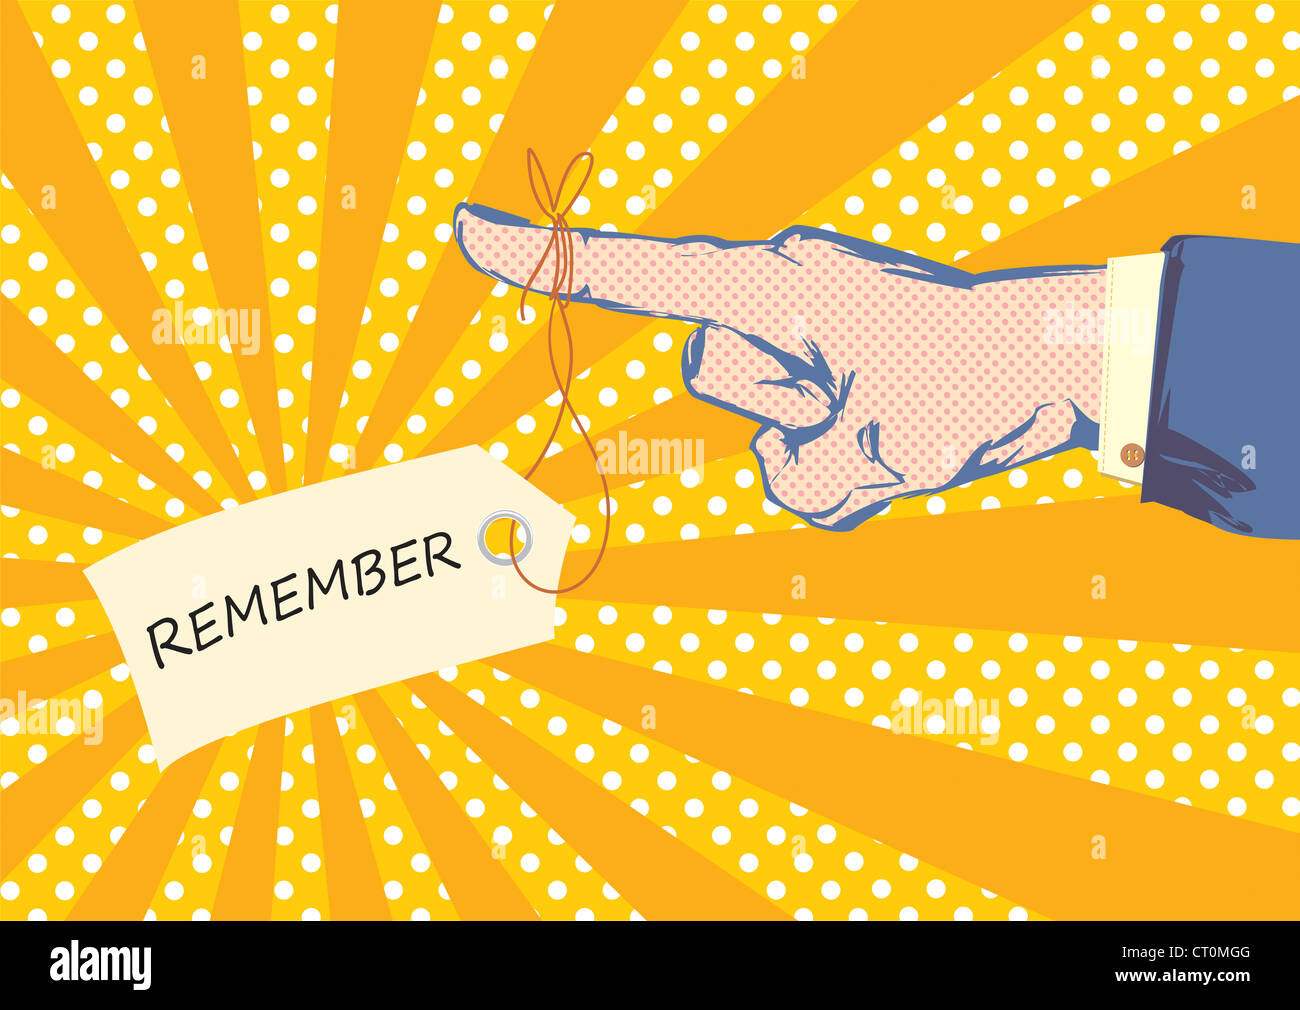 Skizzierte Hand und Fingerzeig mit Anzug Jacke und Hemd Ärmel im Pop-Art-Stil Stockbild